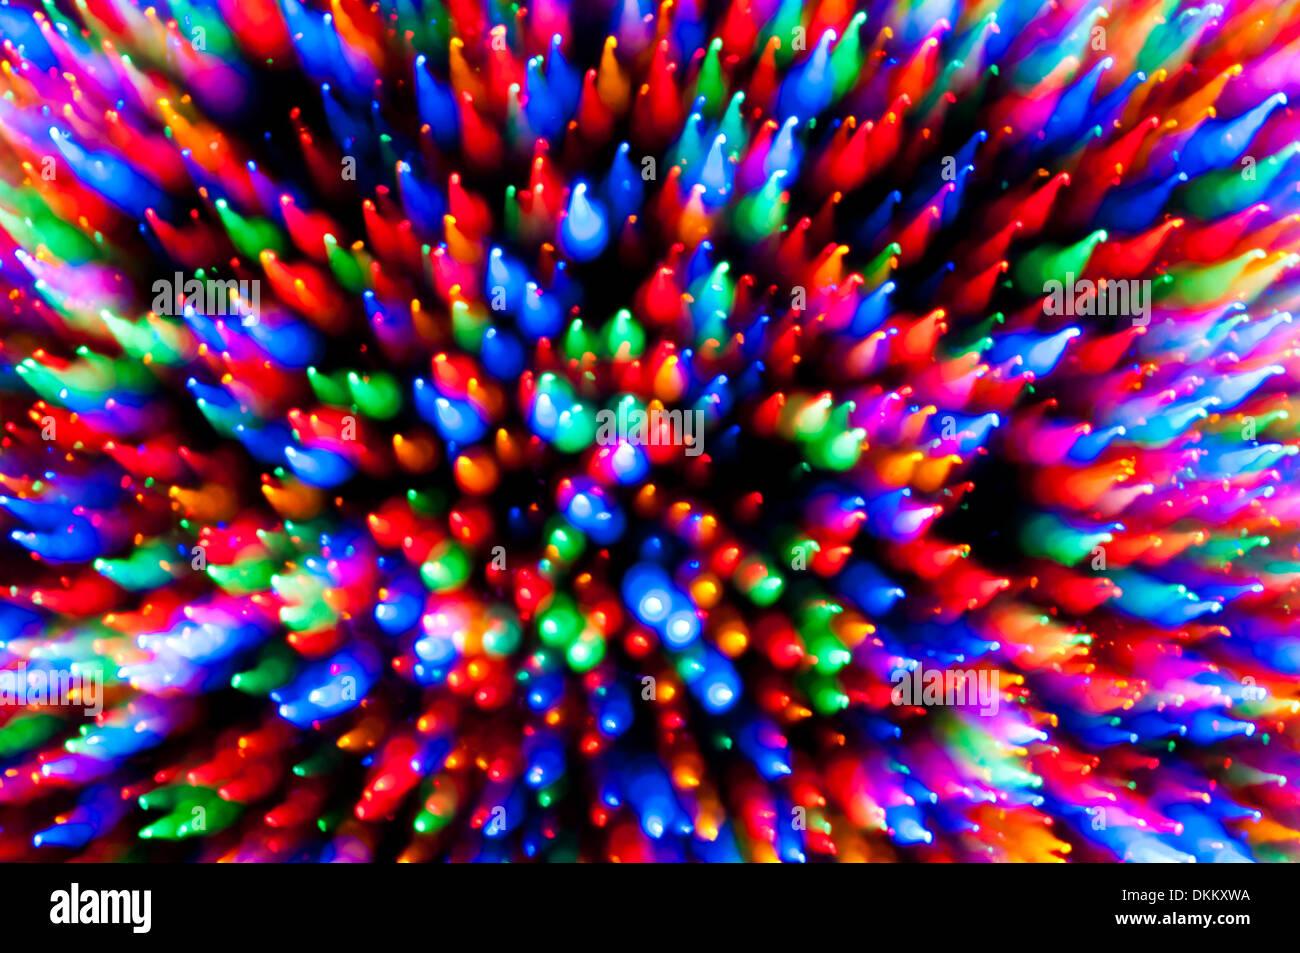 Weihnachtsbaum Lichter Motion Blur Zoom abstrakt Stockbild